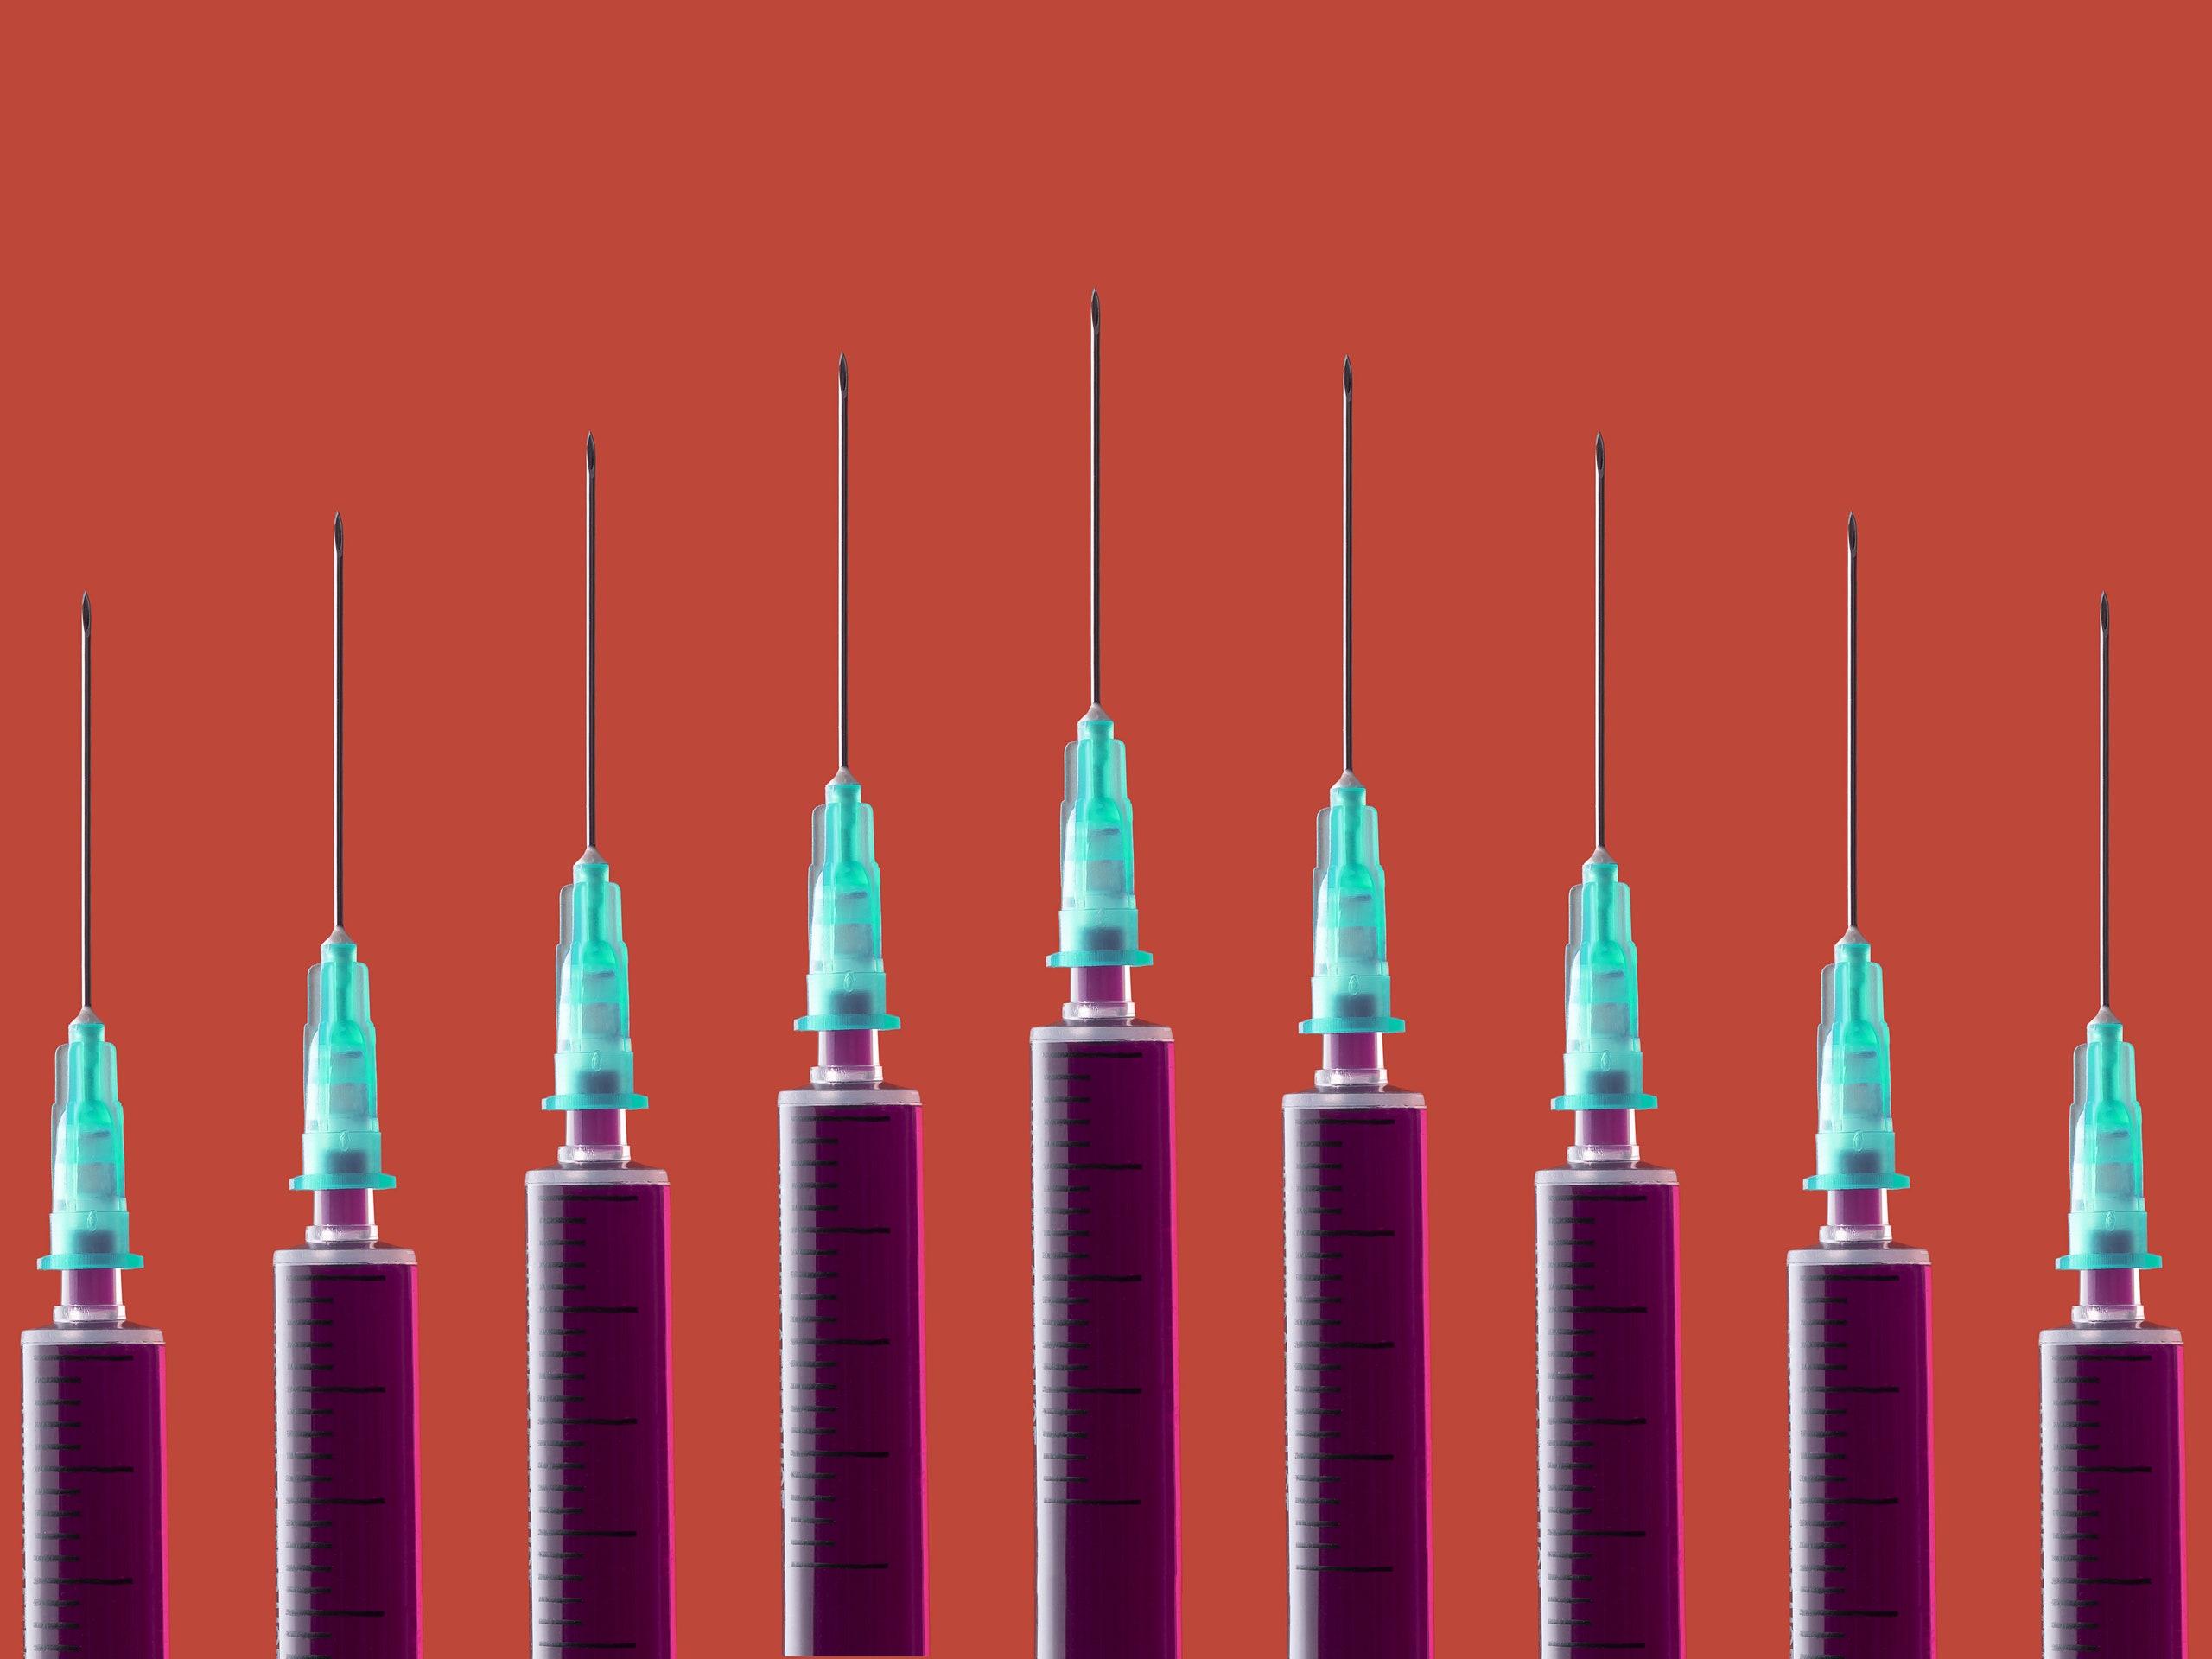 Южнокорейские эксперты не нашли связи между смертью восьми человек и вакциной AstraZeneca